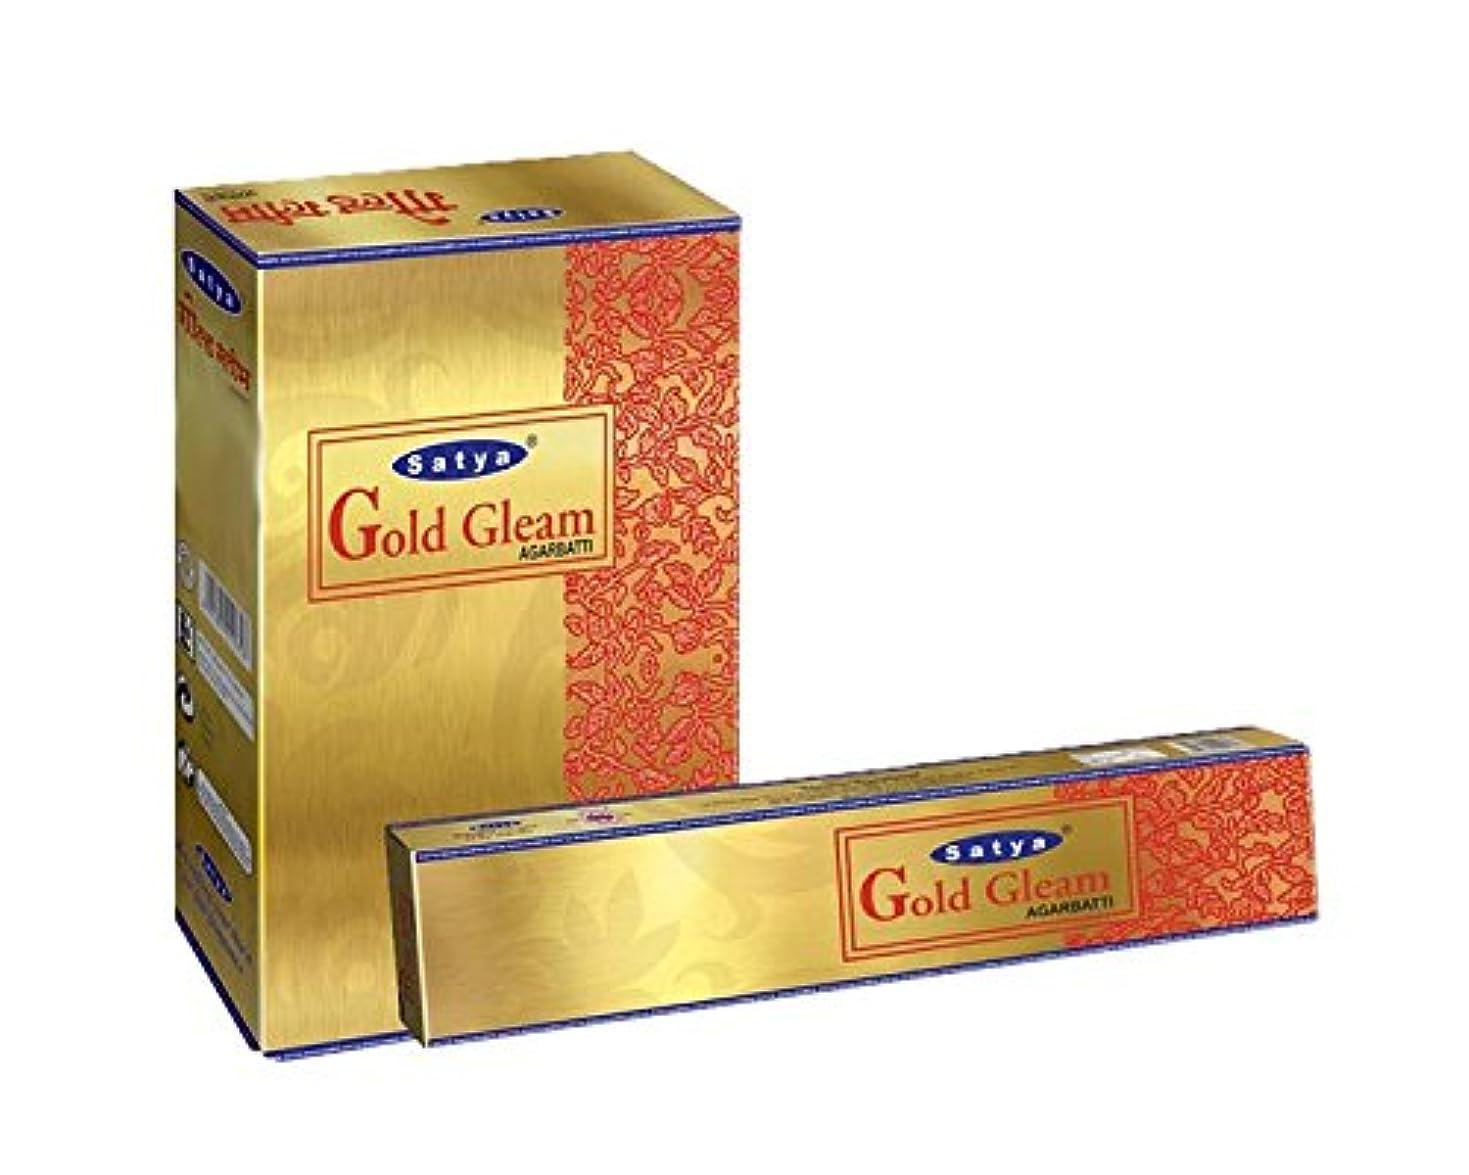 製品幸運な活性化するSatyaゴールドGleam Incense Sticksボックス240 gmsボックス